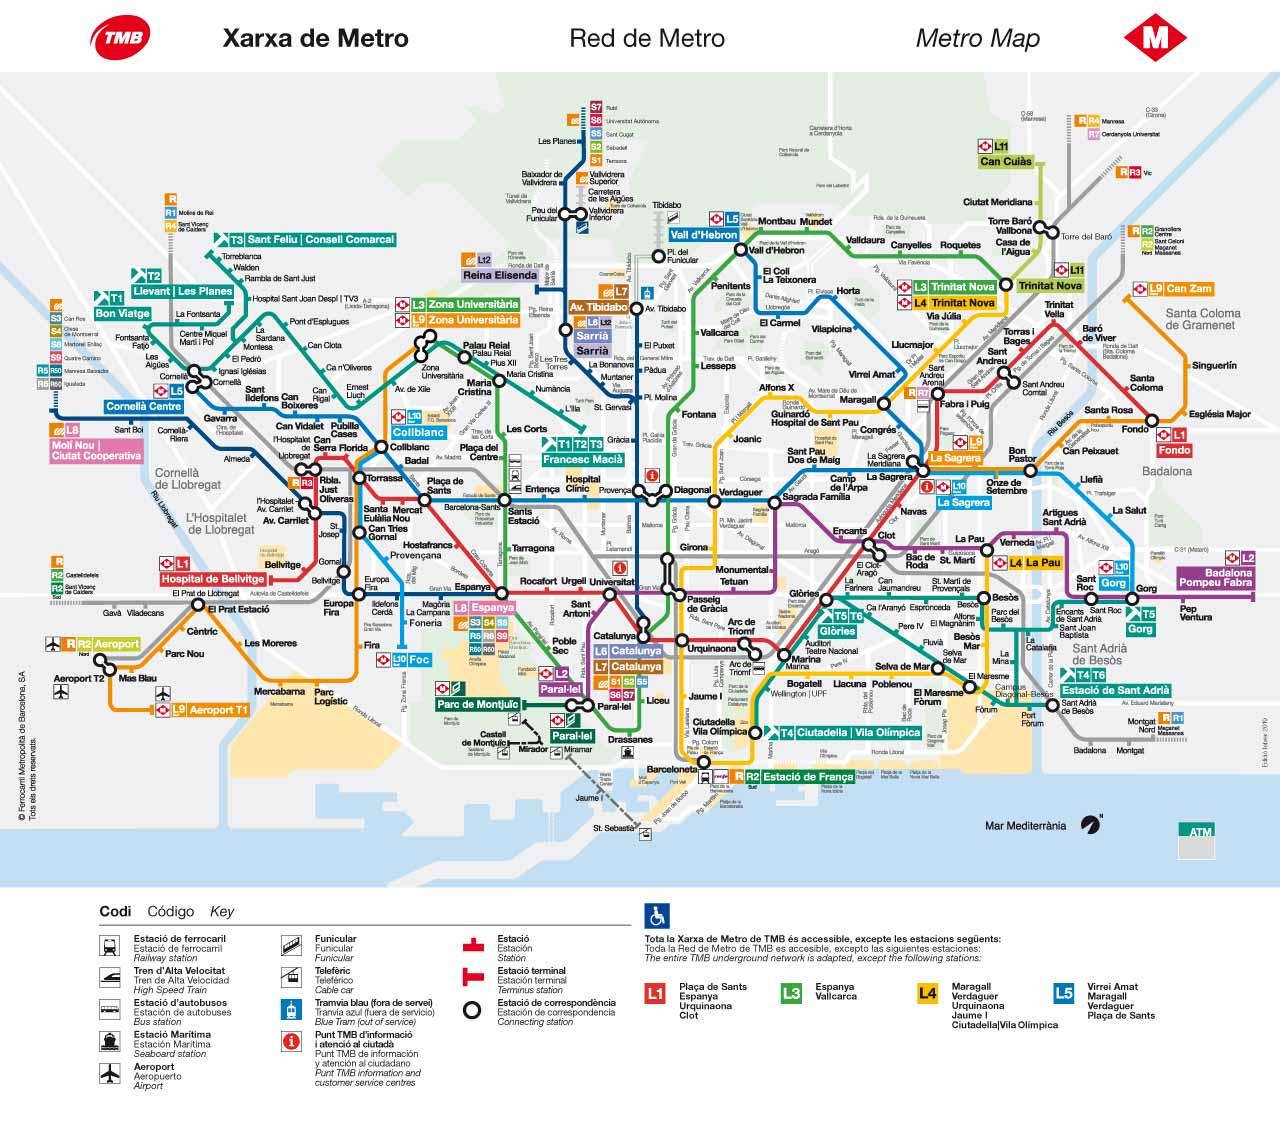 バルセロナ観光 地下鉄(メトロ)の路線図